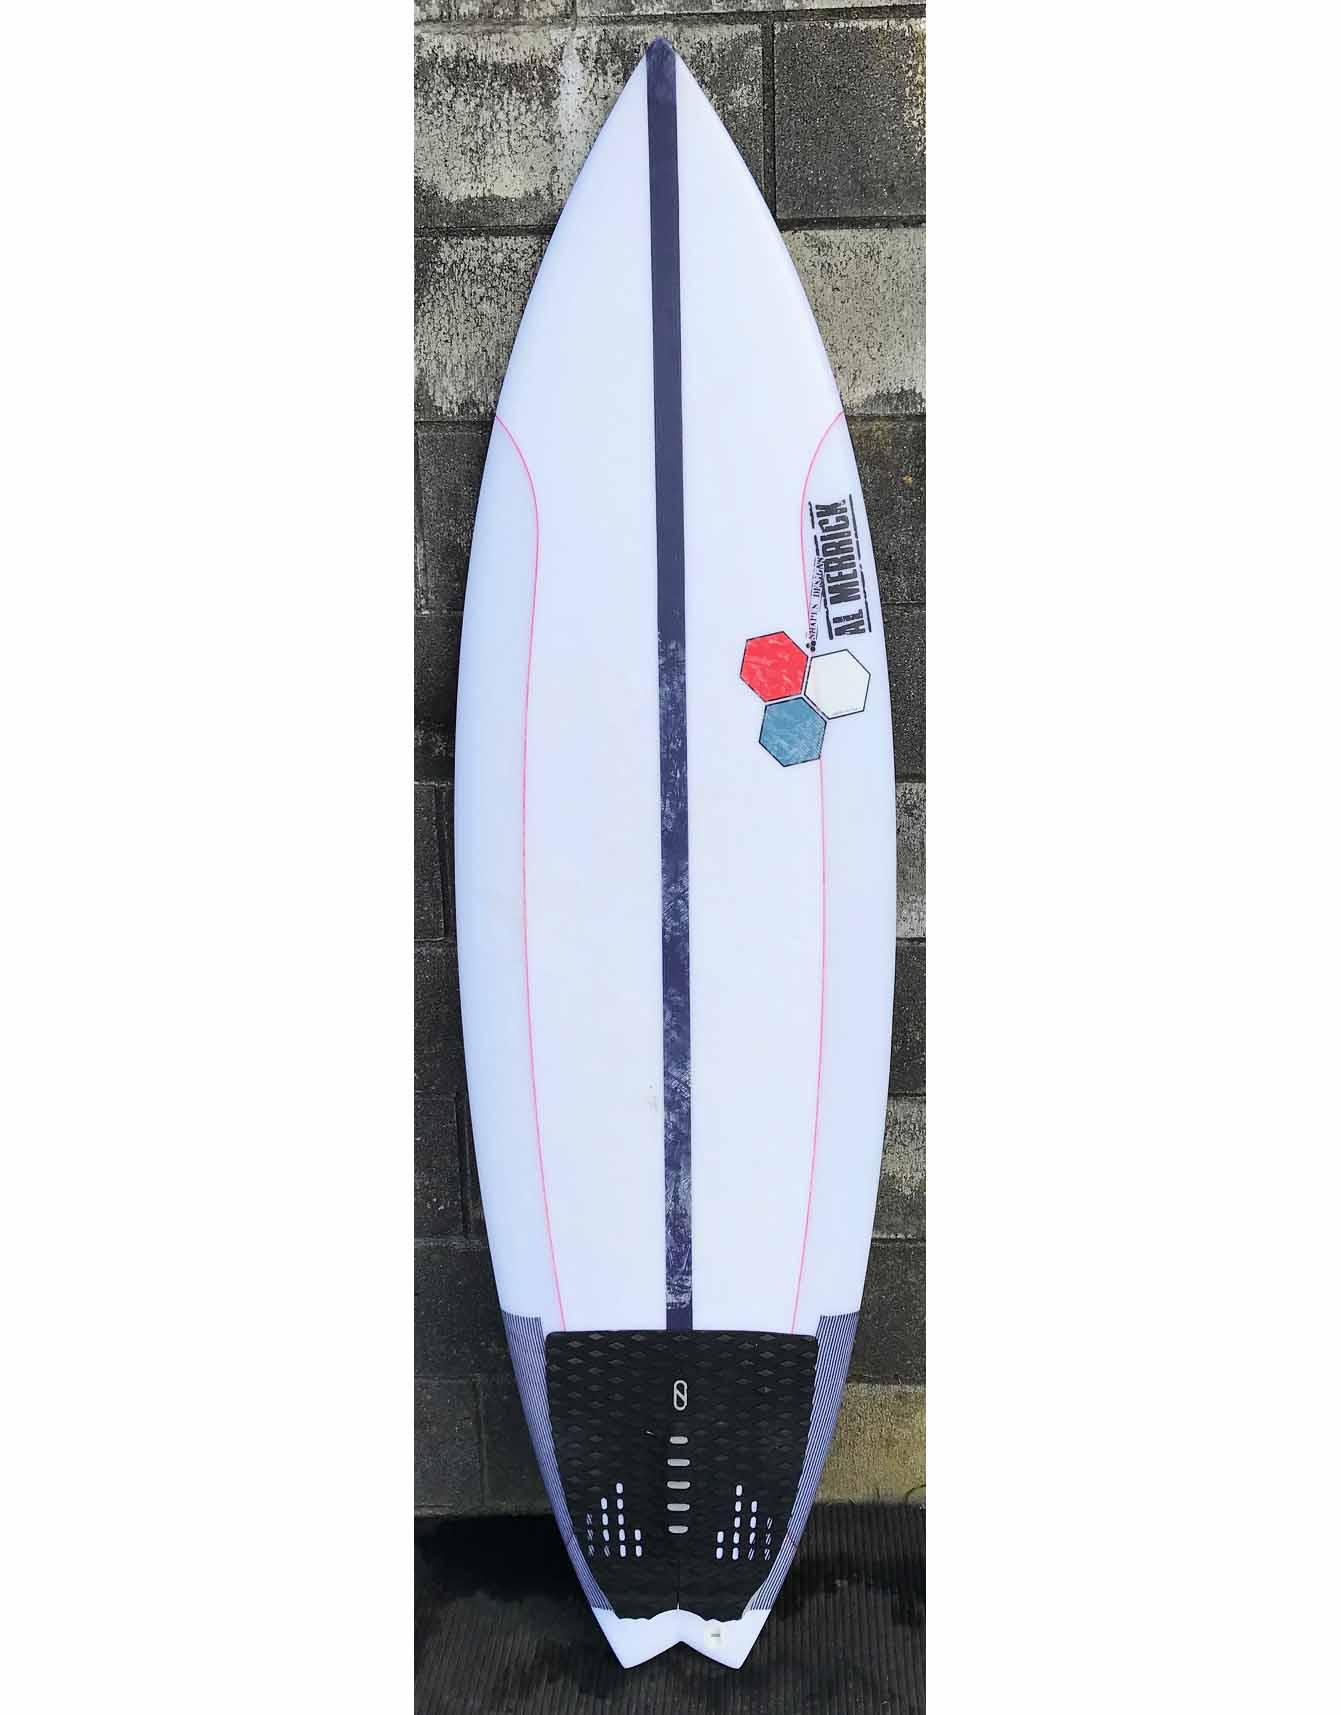 Channel Islands Rocket 9 6 0 FCS II  5752e159f3